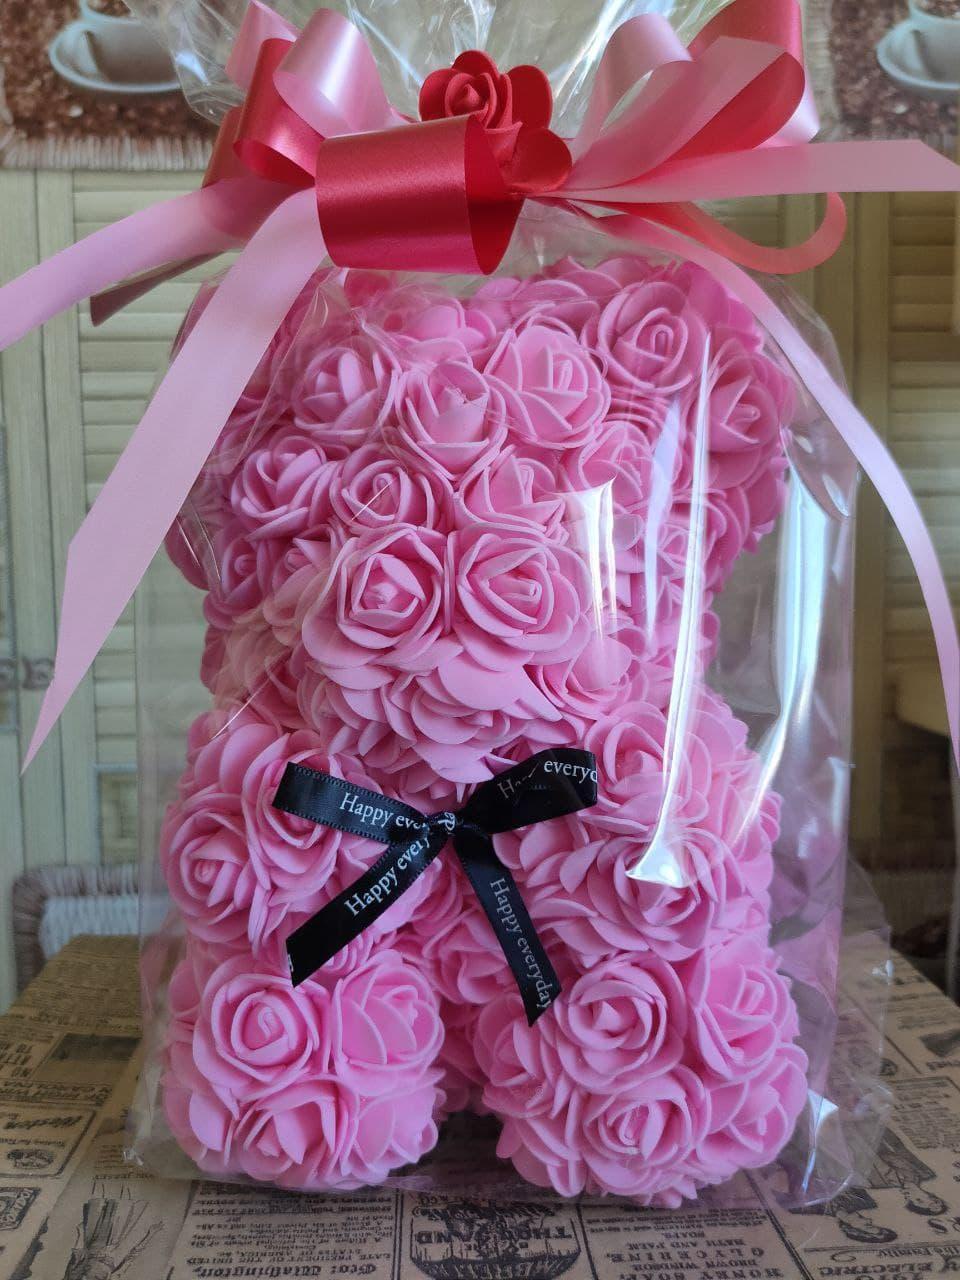 Мишко з 3D троянд 25см в подарункової упаковки ведмедик з троянд оригінальний подарунок на 8 березня дівчині